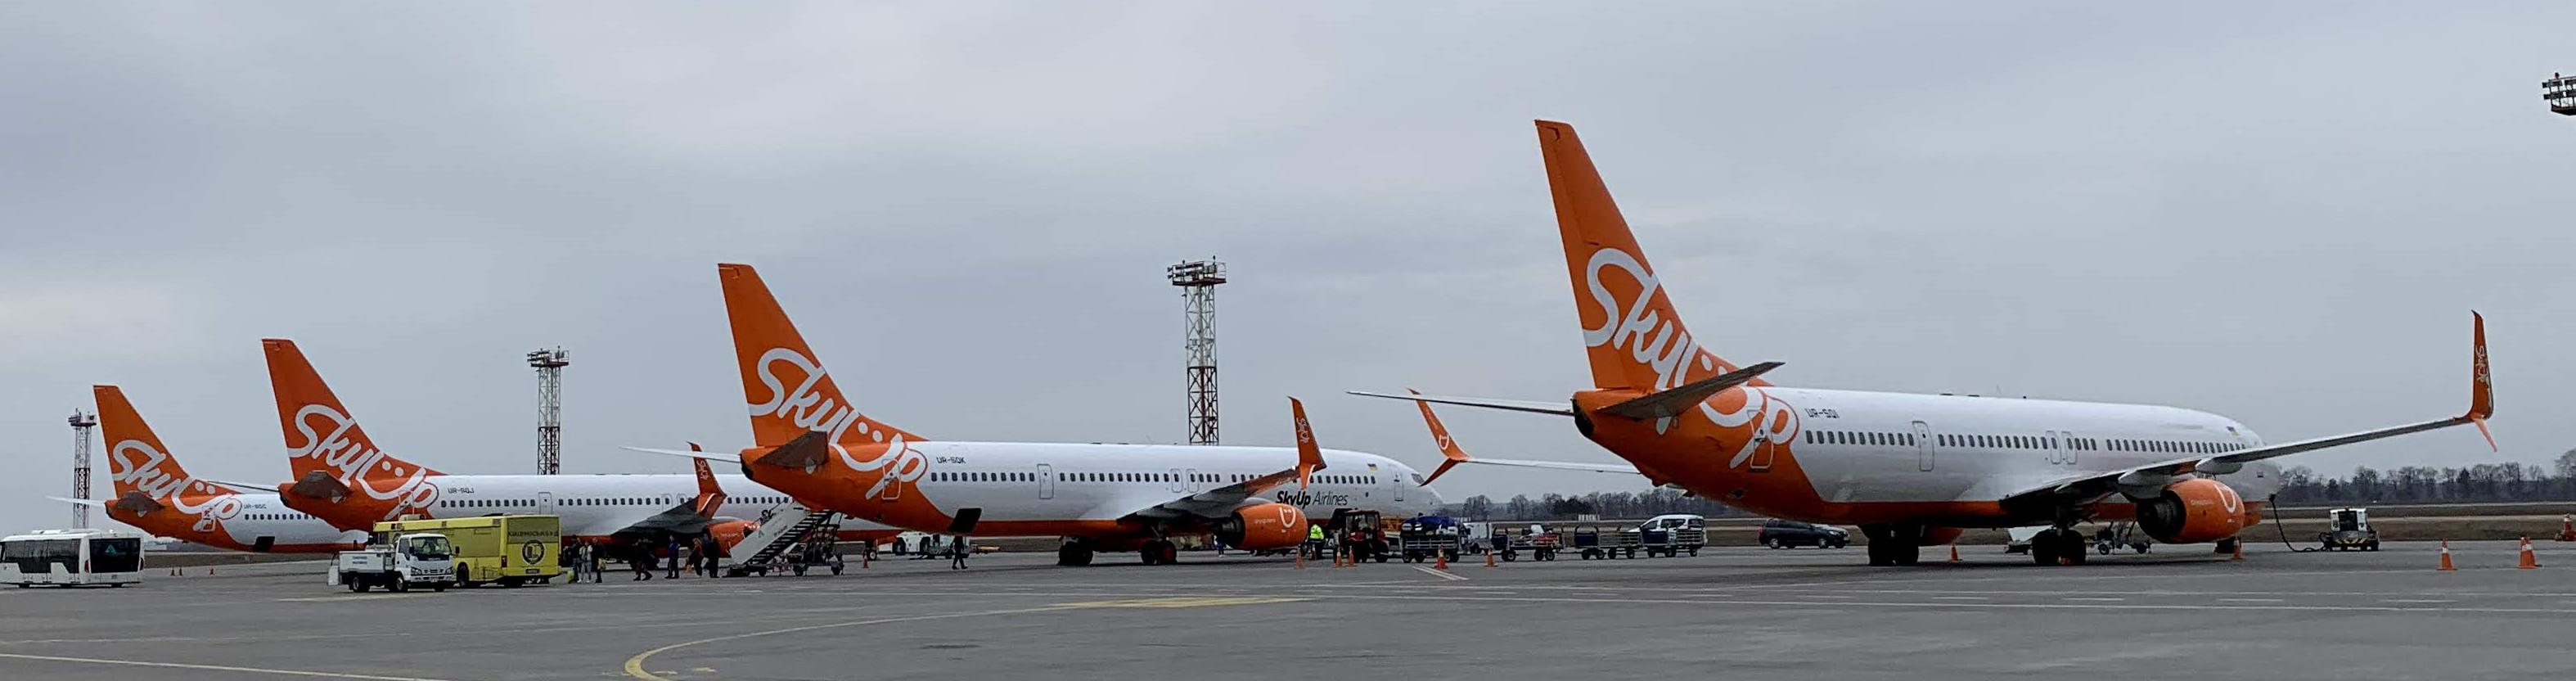 Возвращение SkyUp в небо: как мы планируем летать после снятия ограничений